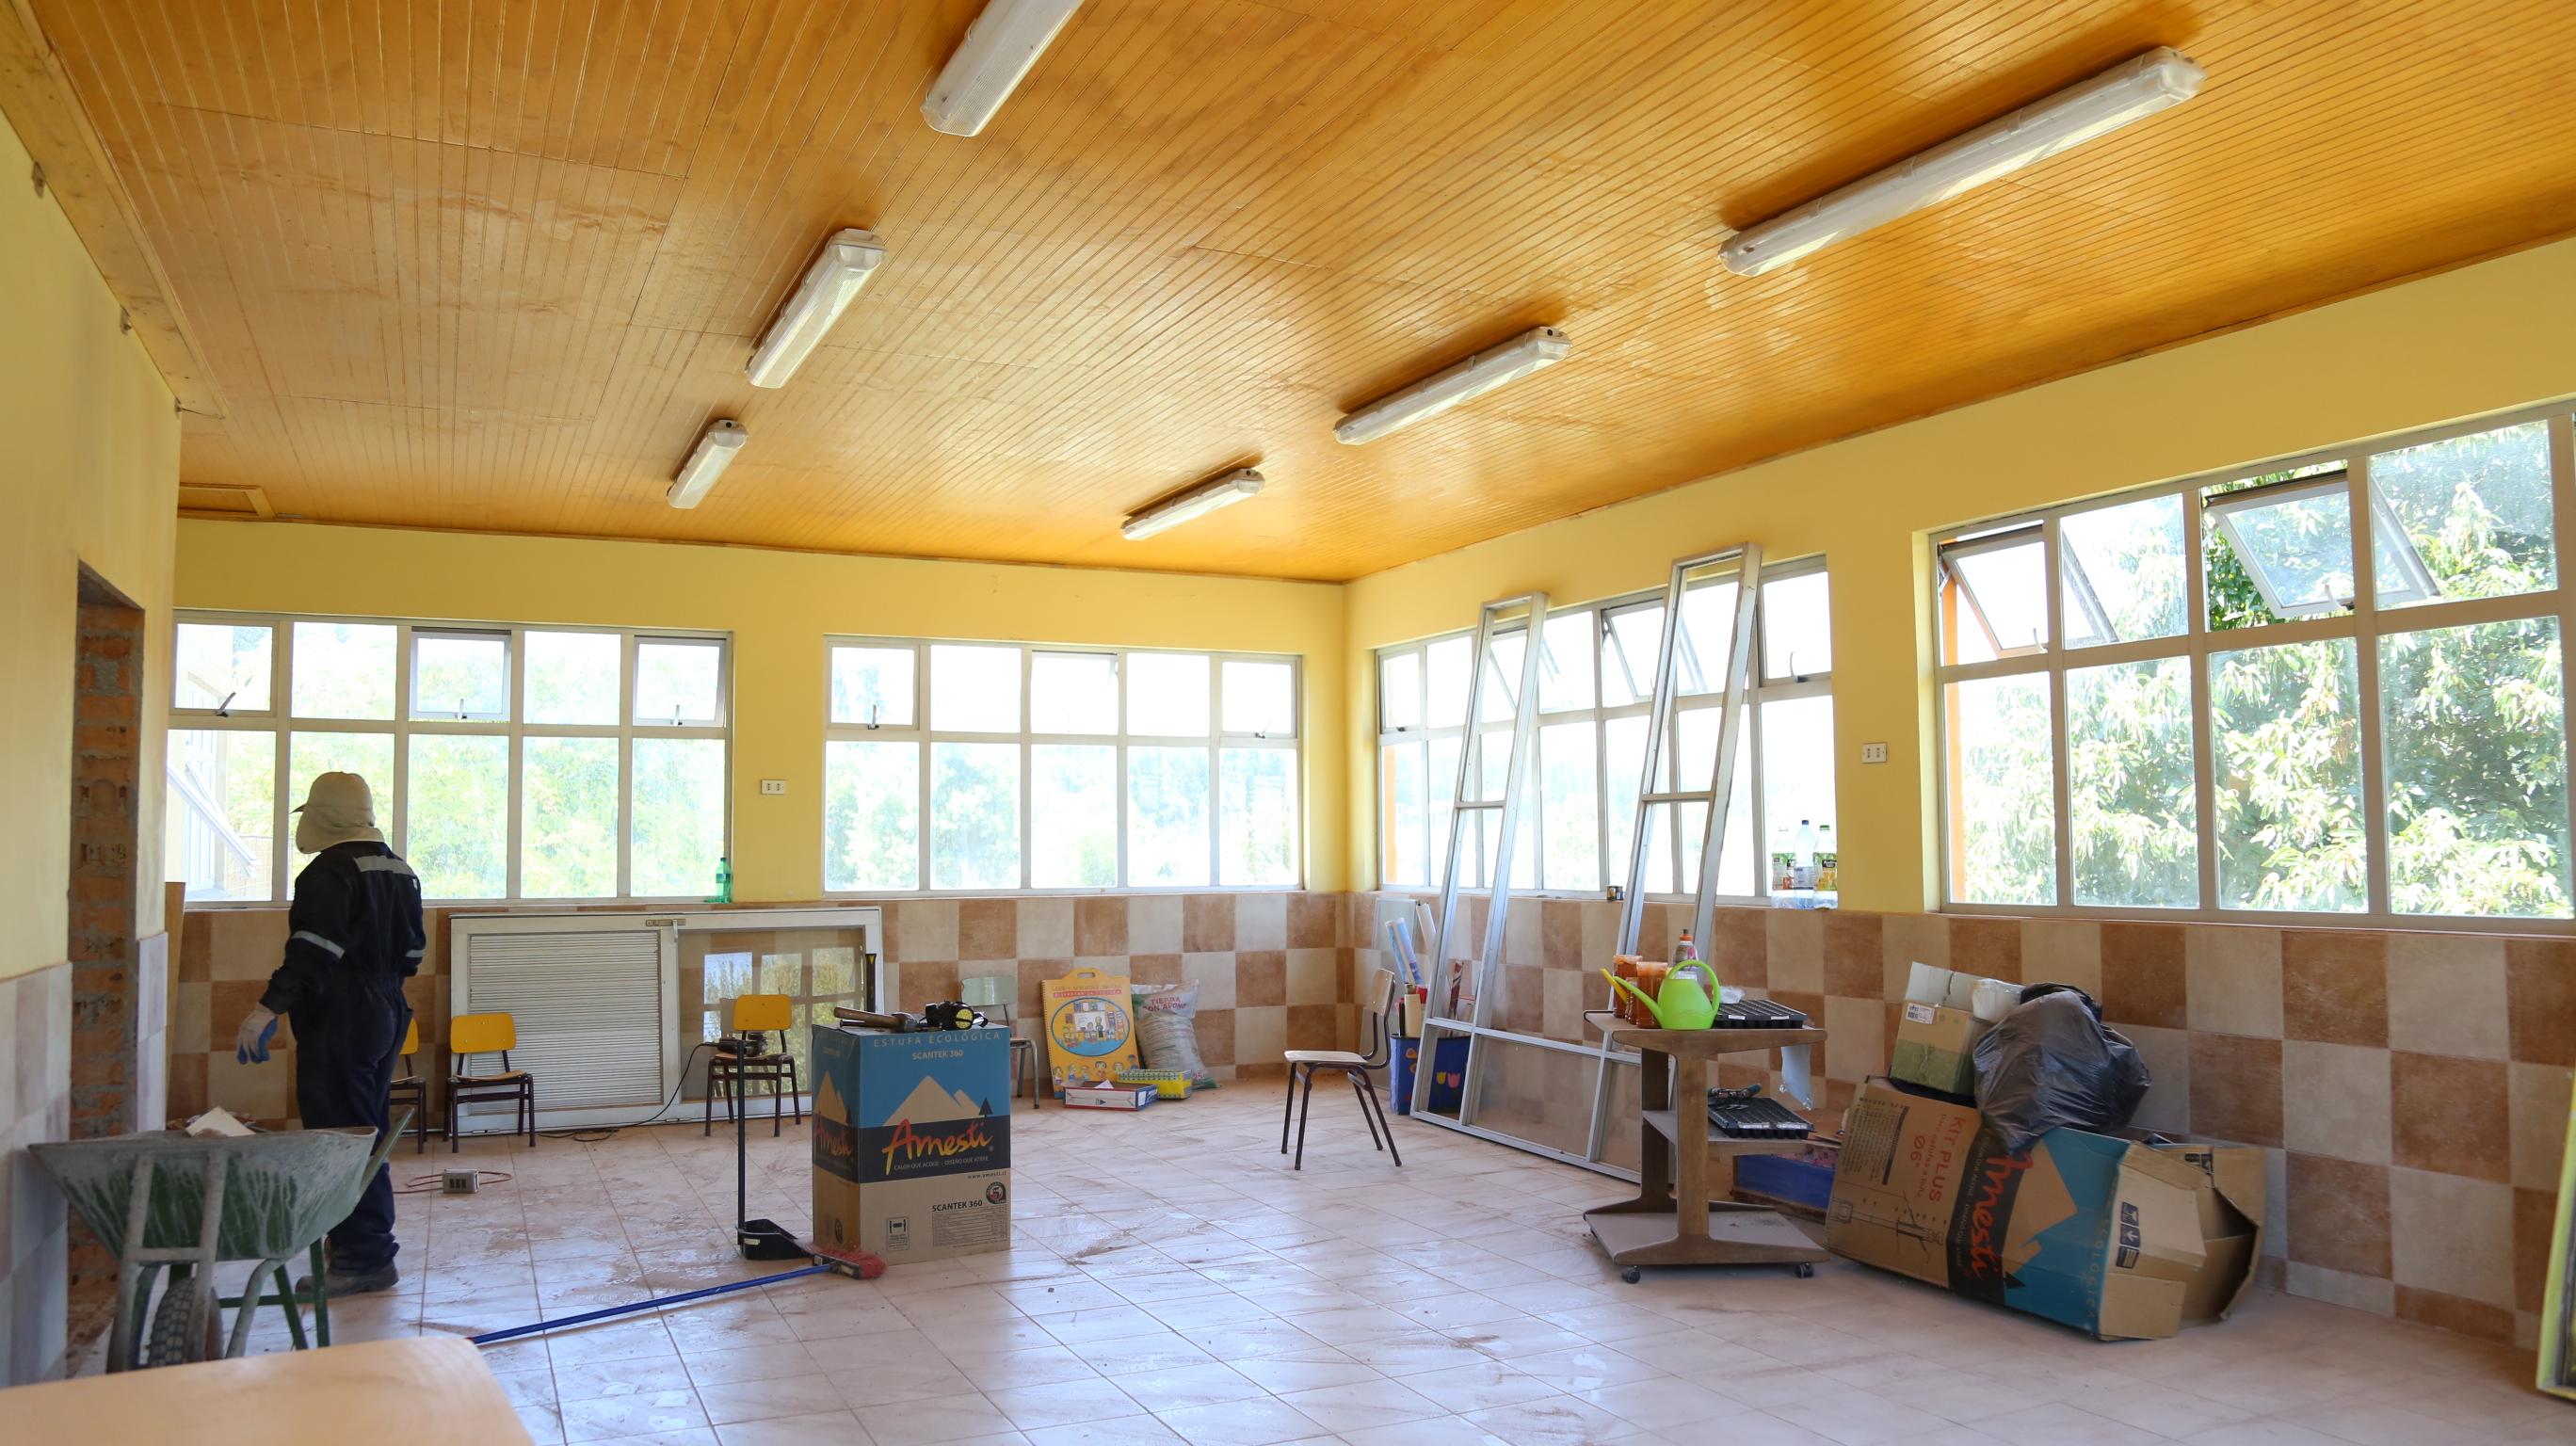 Diversos trabajos de mantención se han realizado por estos días en unidades educativas de Quilleco.